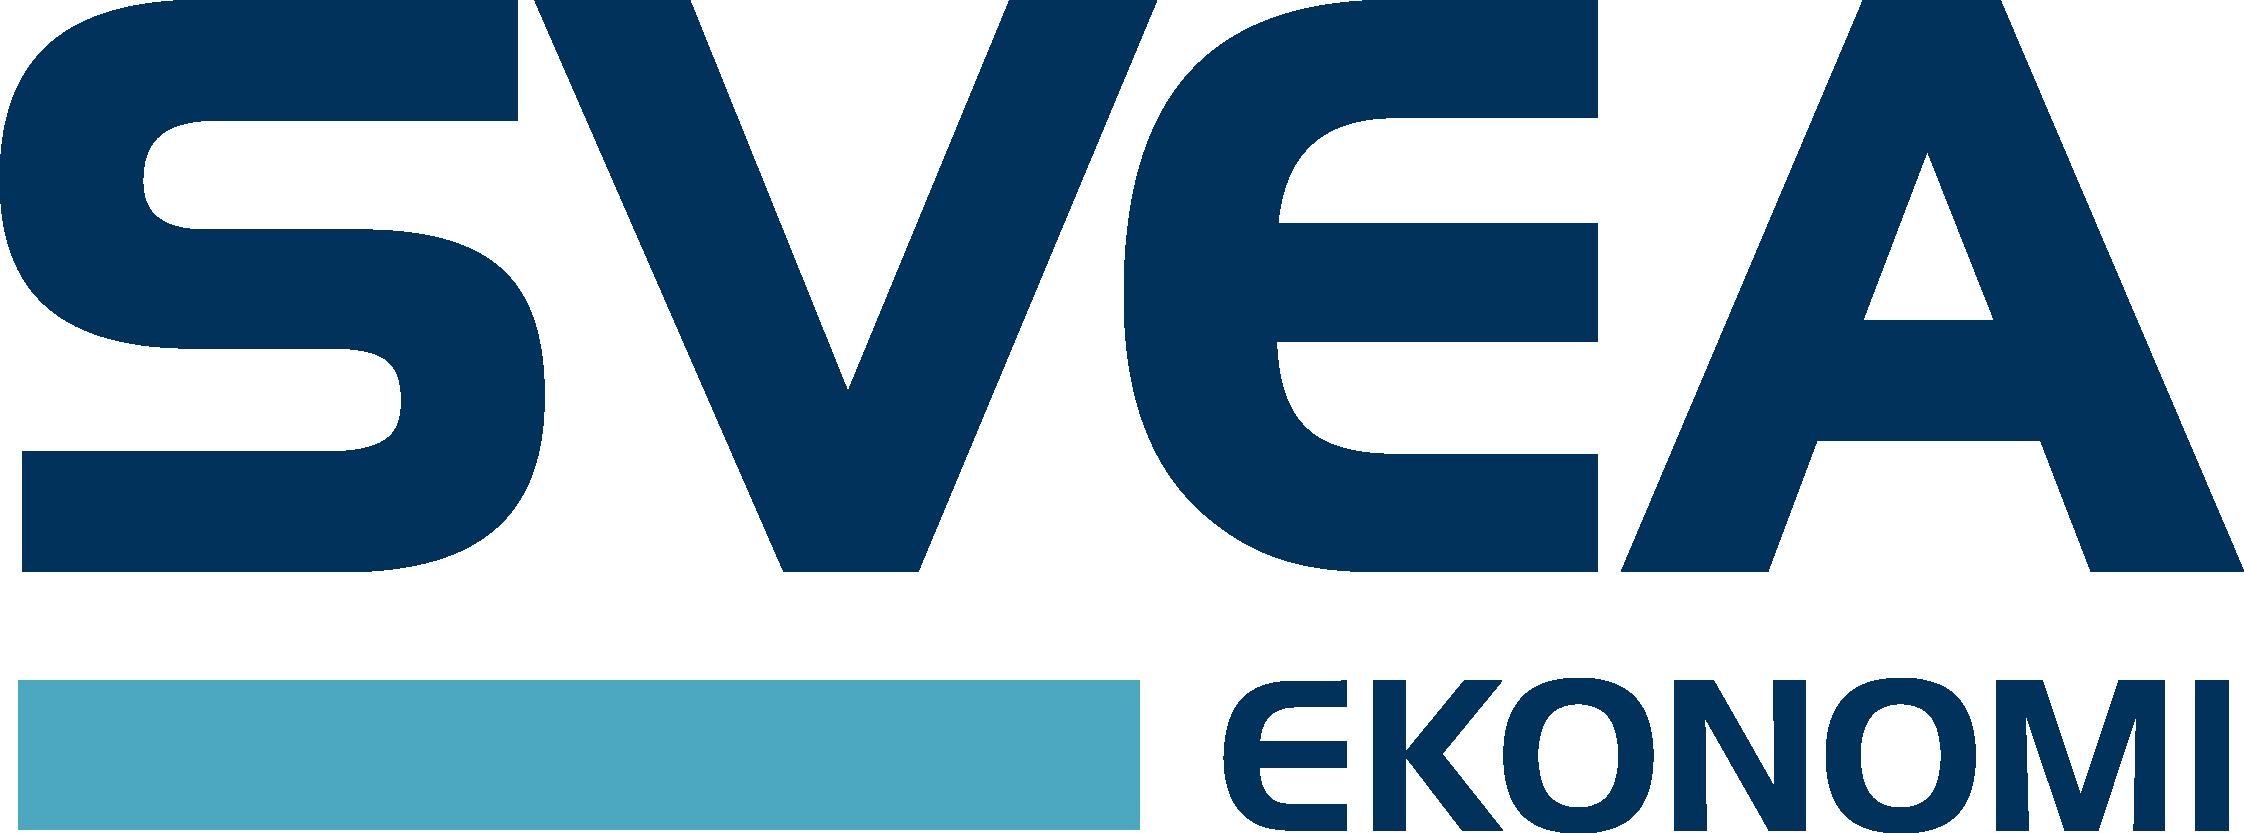 Svea_ekonomi_logo (1)